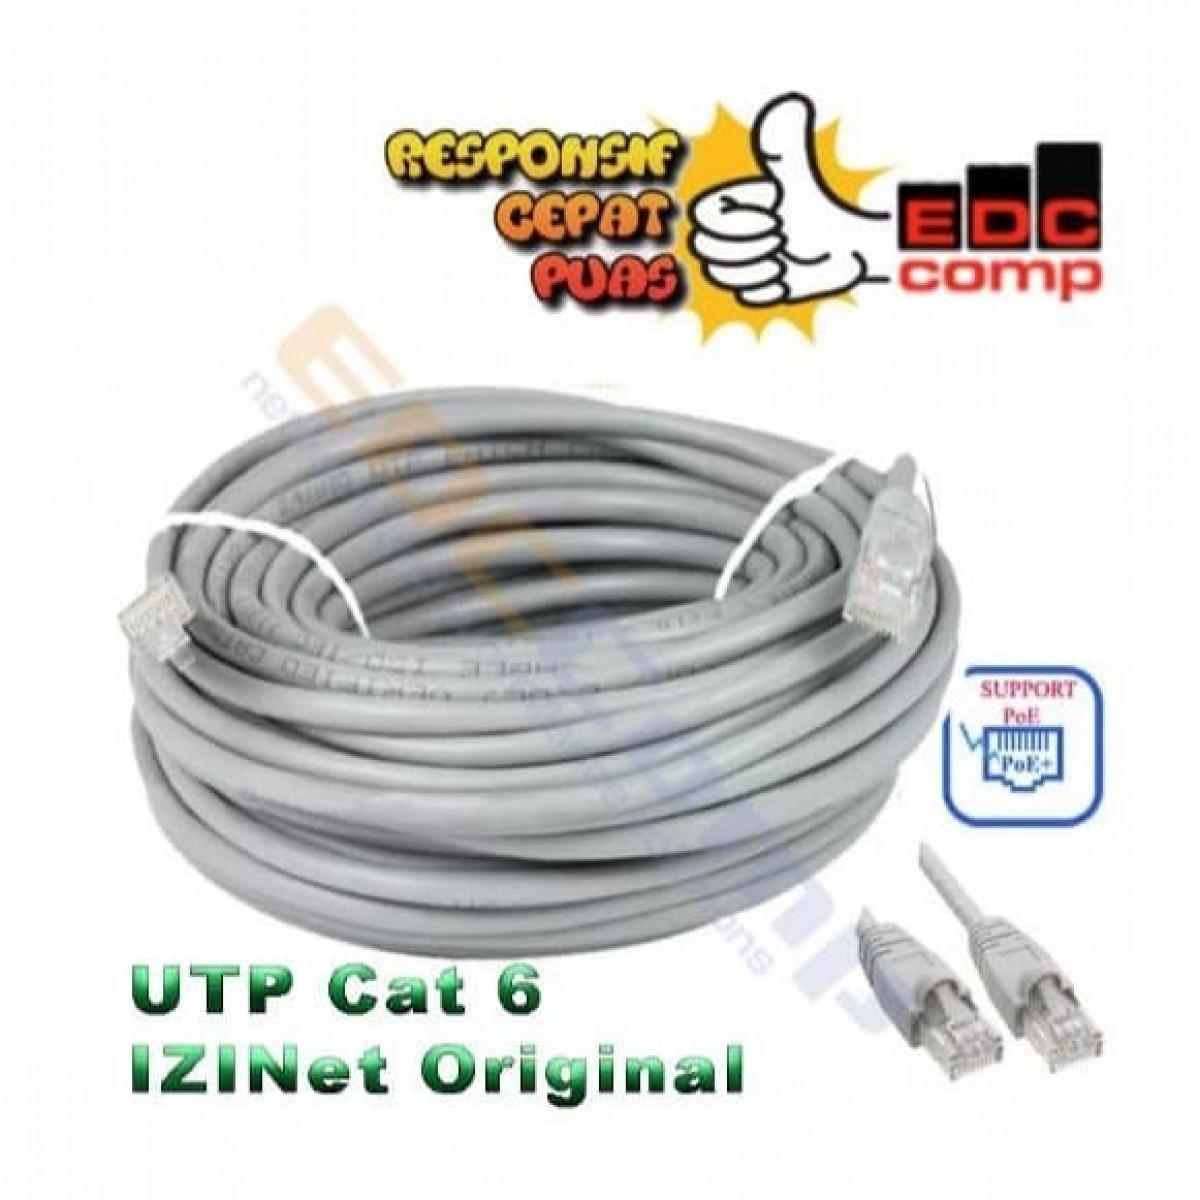 Kabel IZINET UTP Cat6 / Cable Izinet Cat6 30 Meter - EdcComp